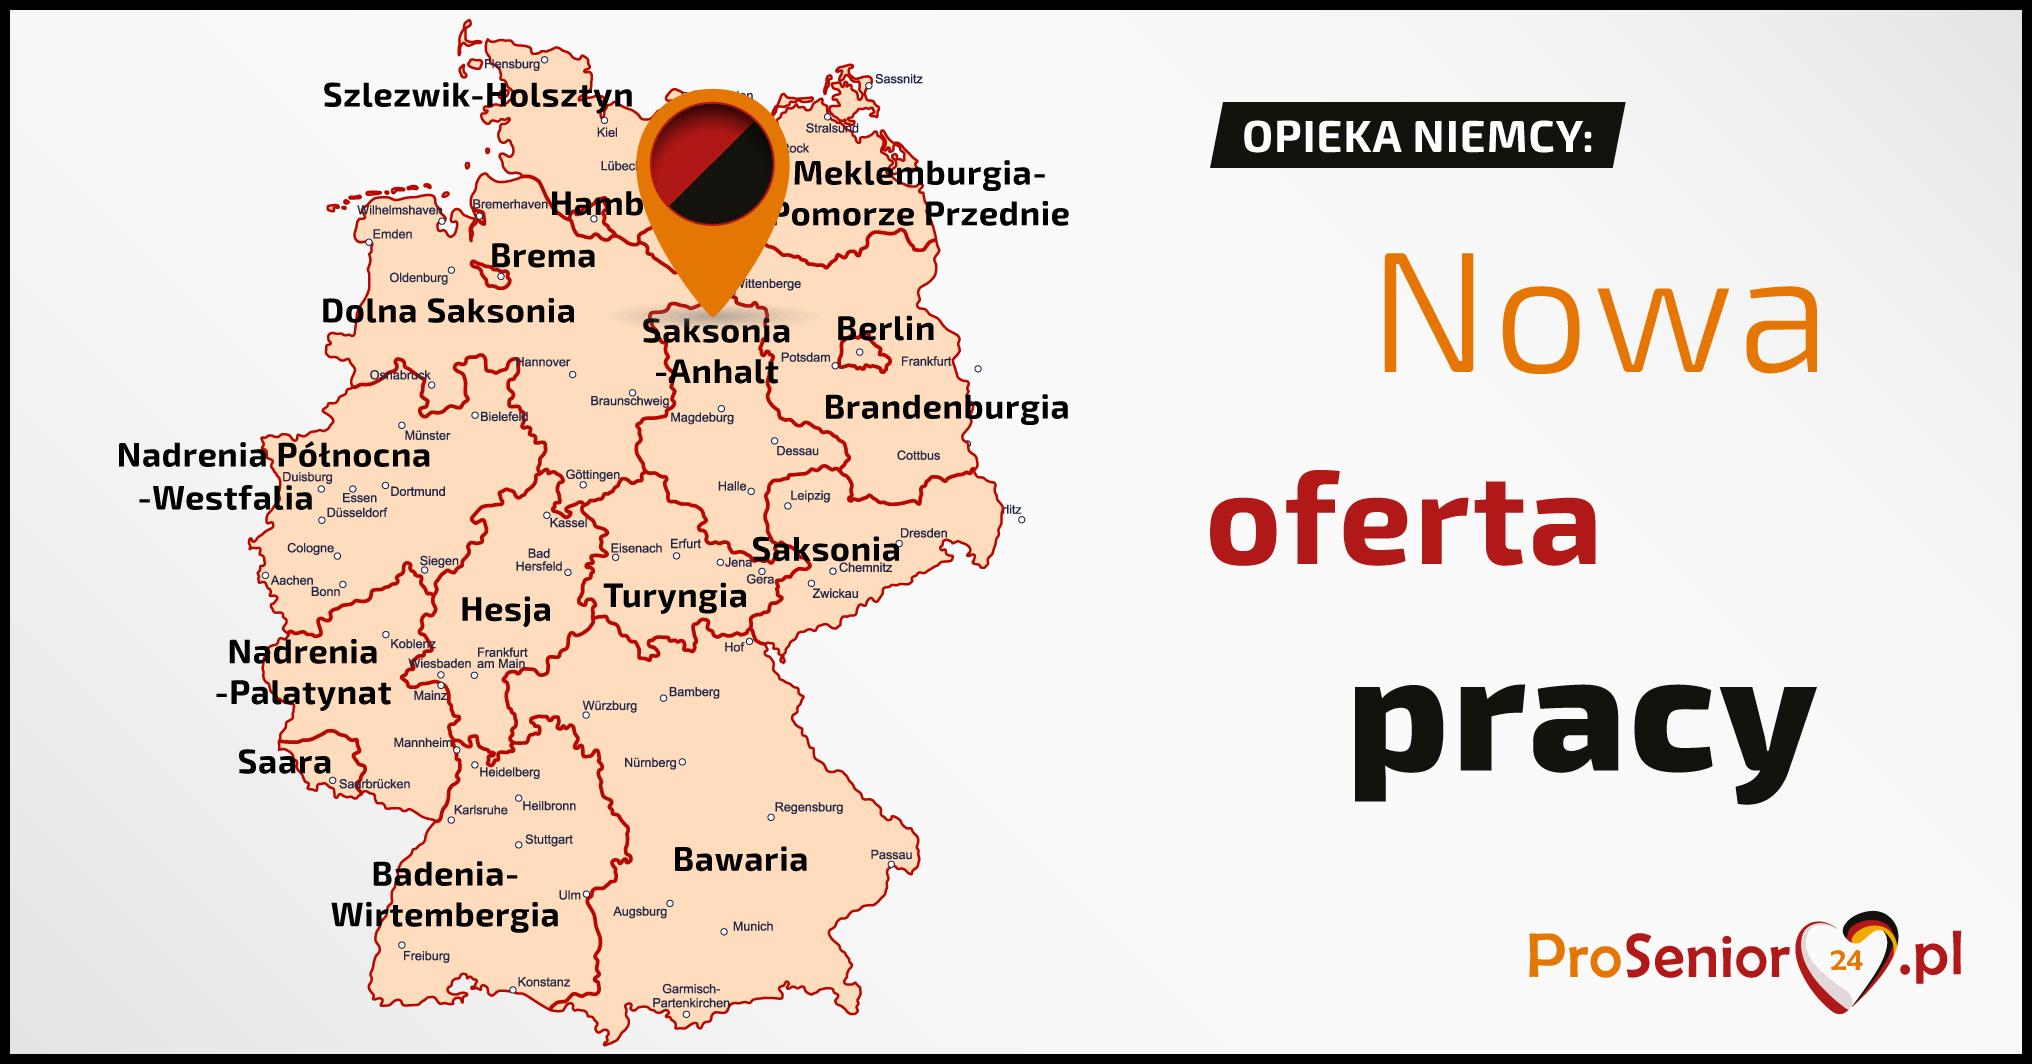 Oferta Opiekunka do starszej mobilnej pani w okolicy Lipska + WYJAZD W POŁOWIE LUTEGO